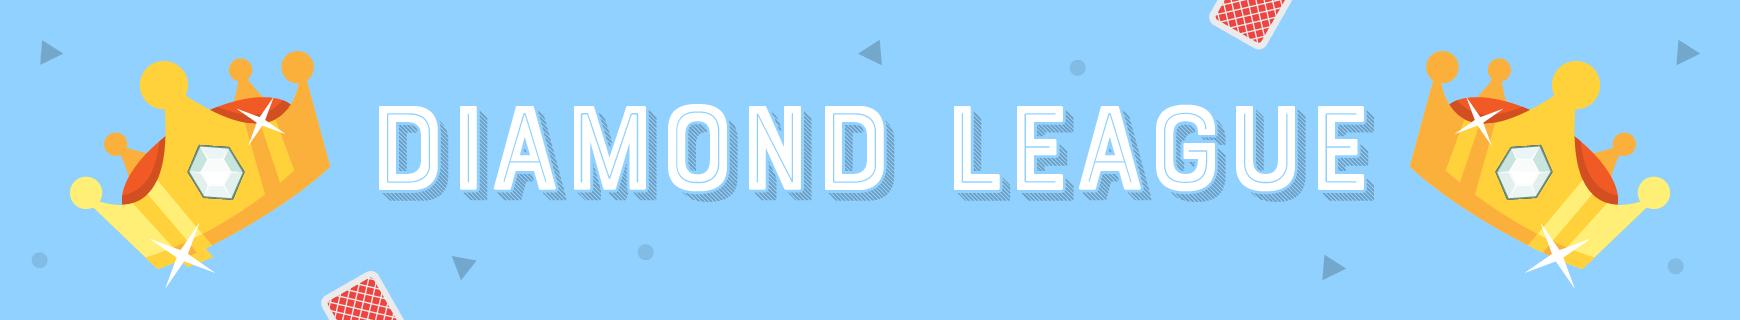 Diamond league %28870 x 160%29 2x